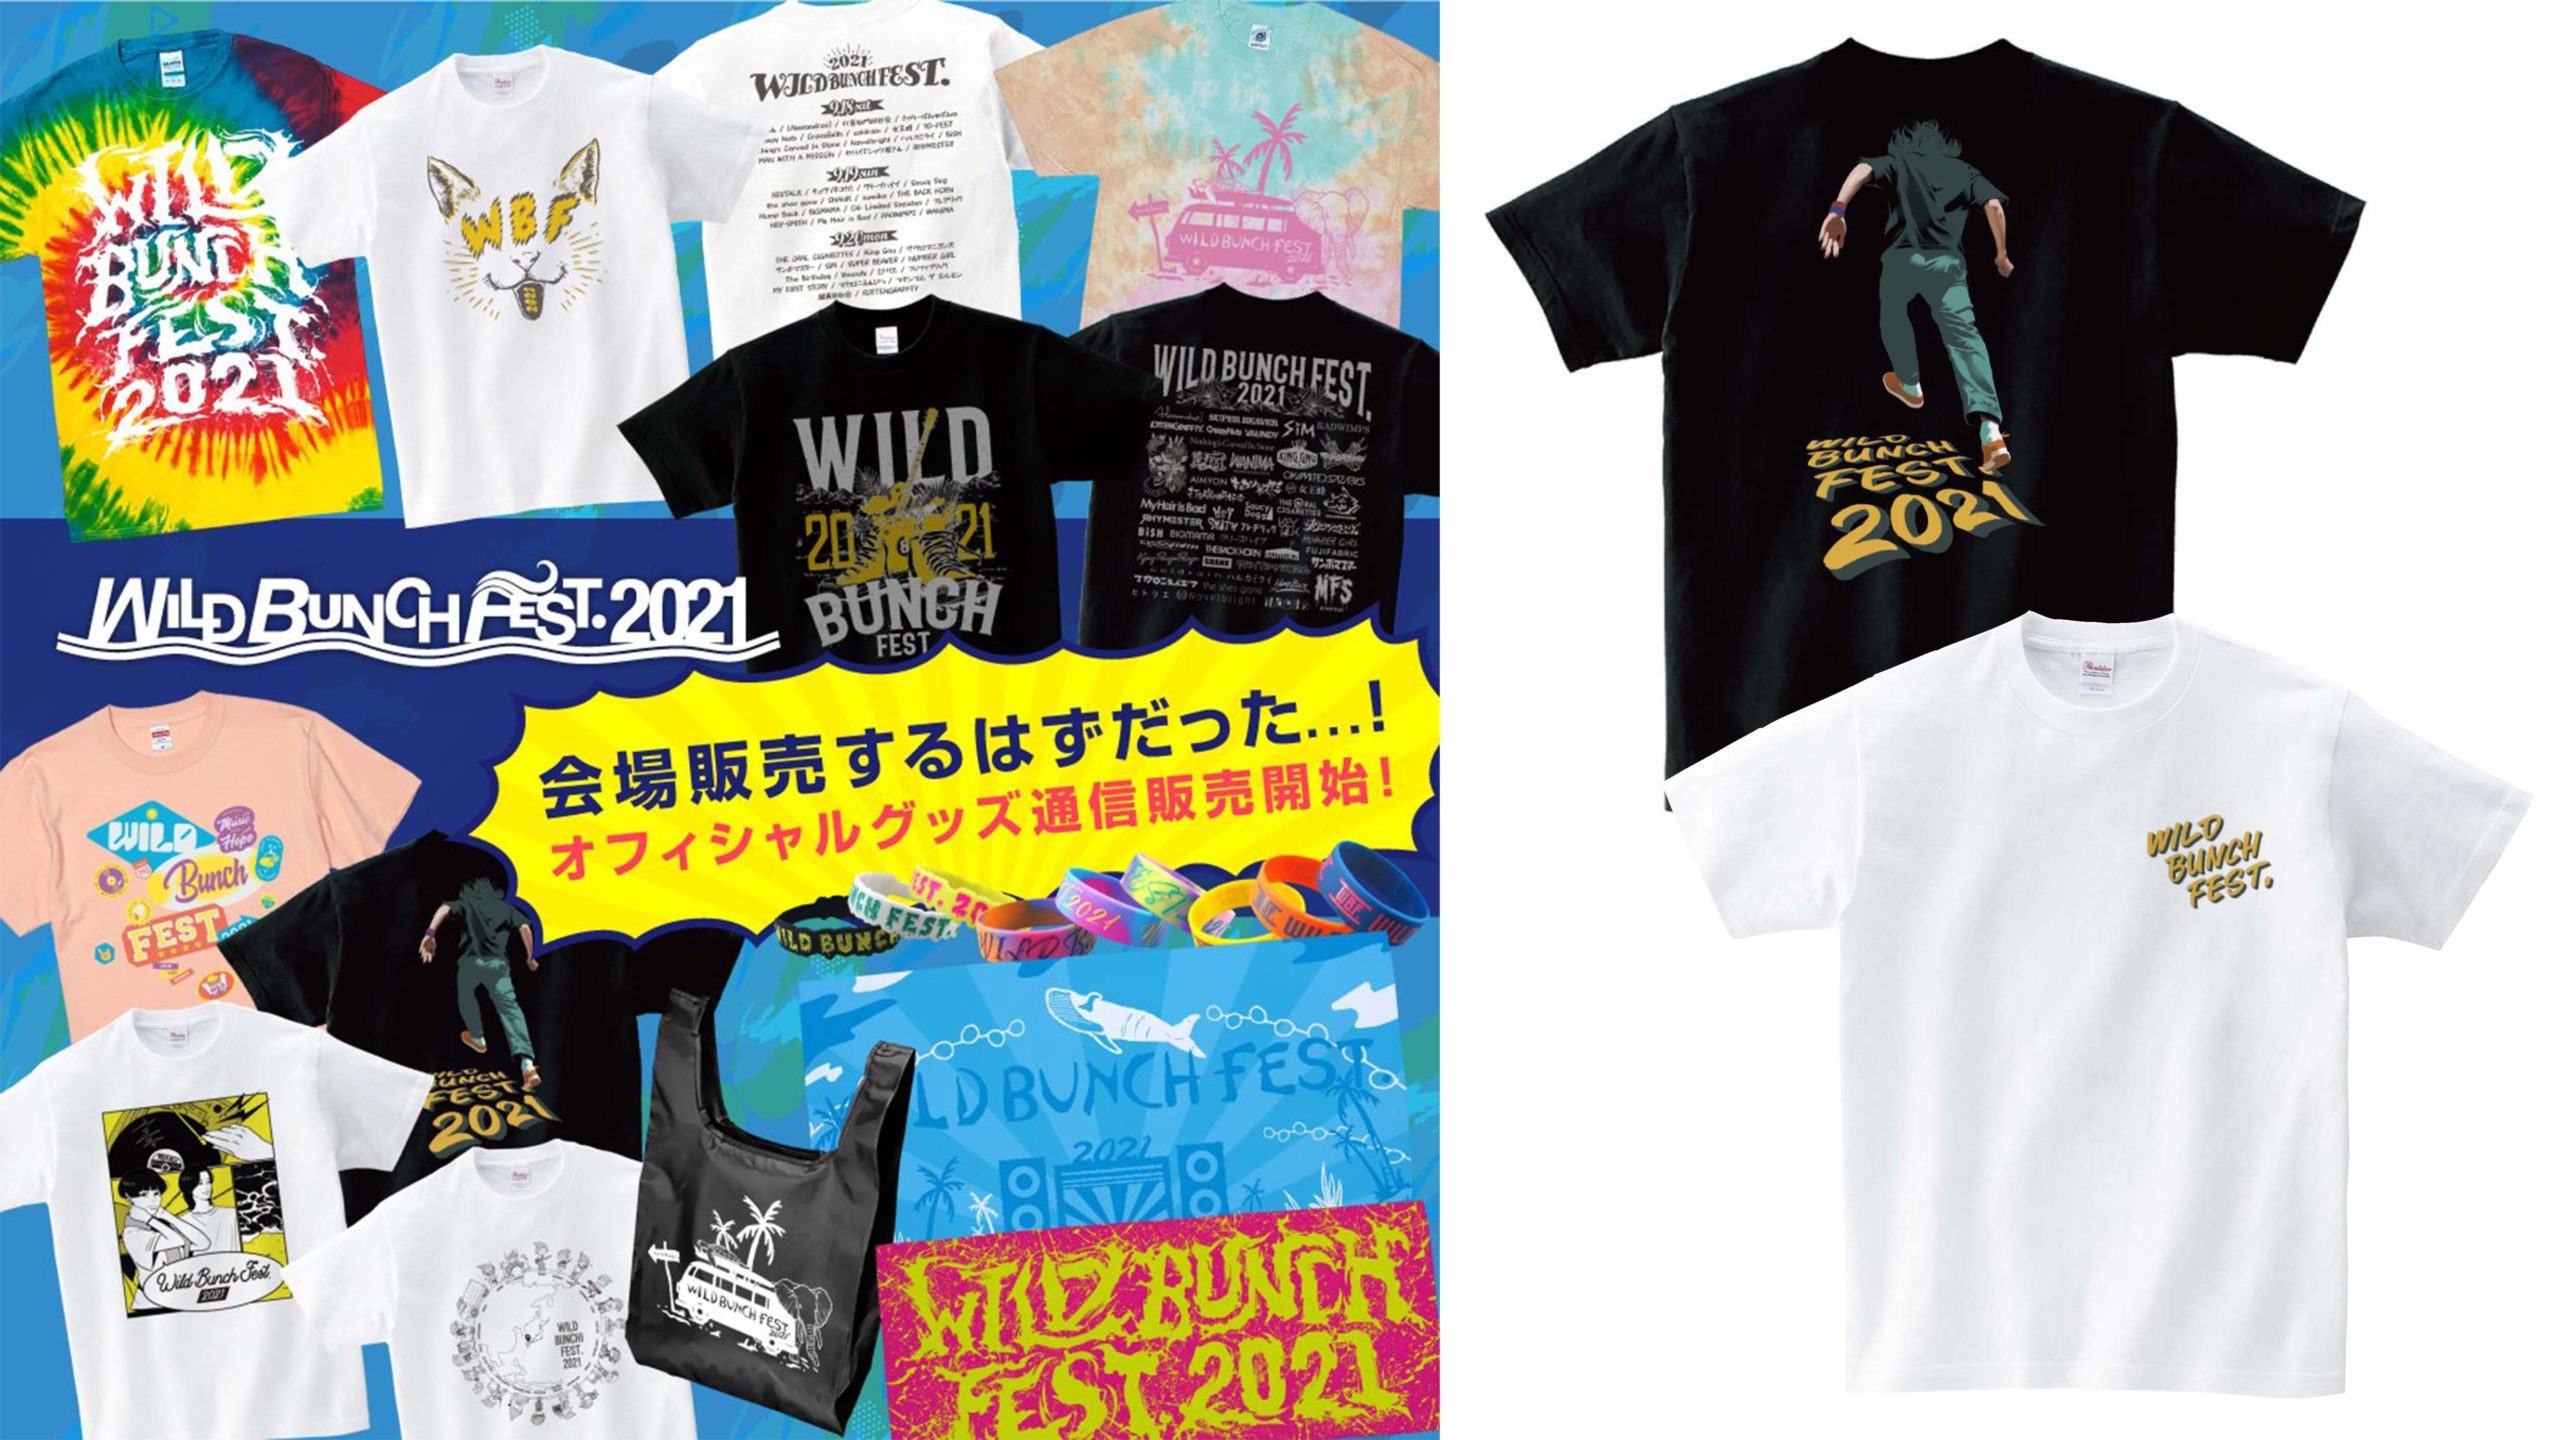 夢番地がプロデュースする野外音楽フェス WILD BUNCH FEST. 2021(ワイルドバンチフェス2021)オフィシャルグッズ Tシャツイラストデザイン担当